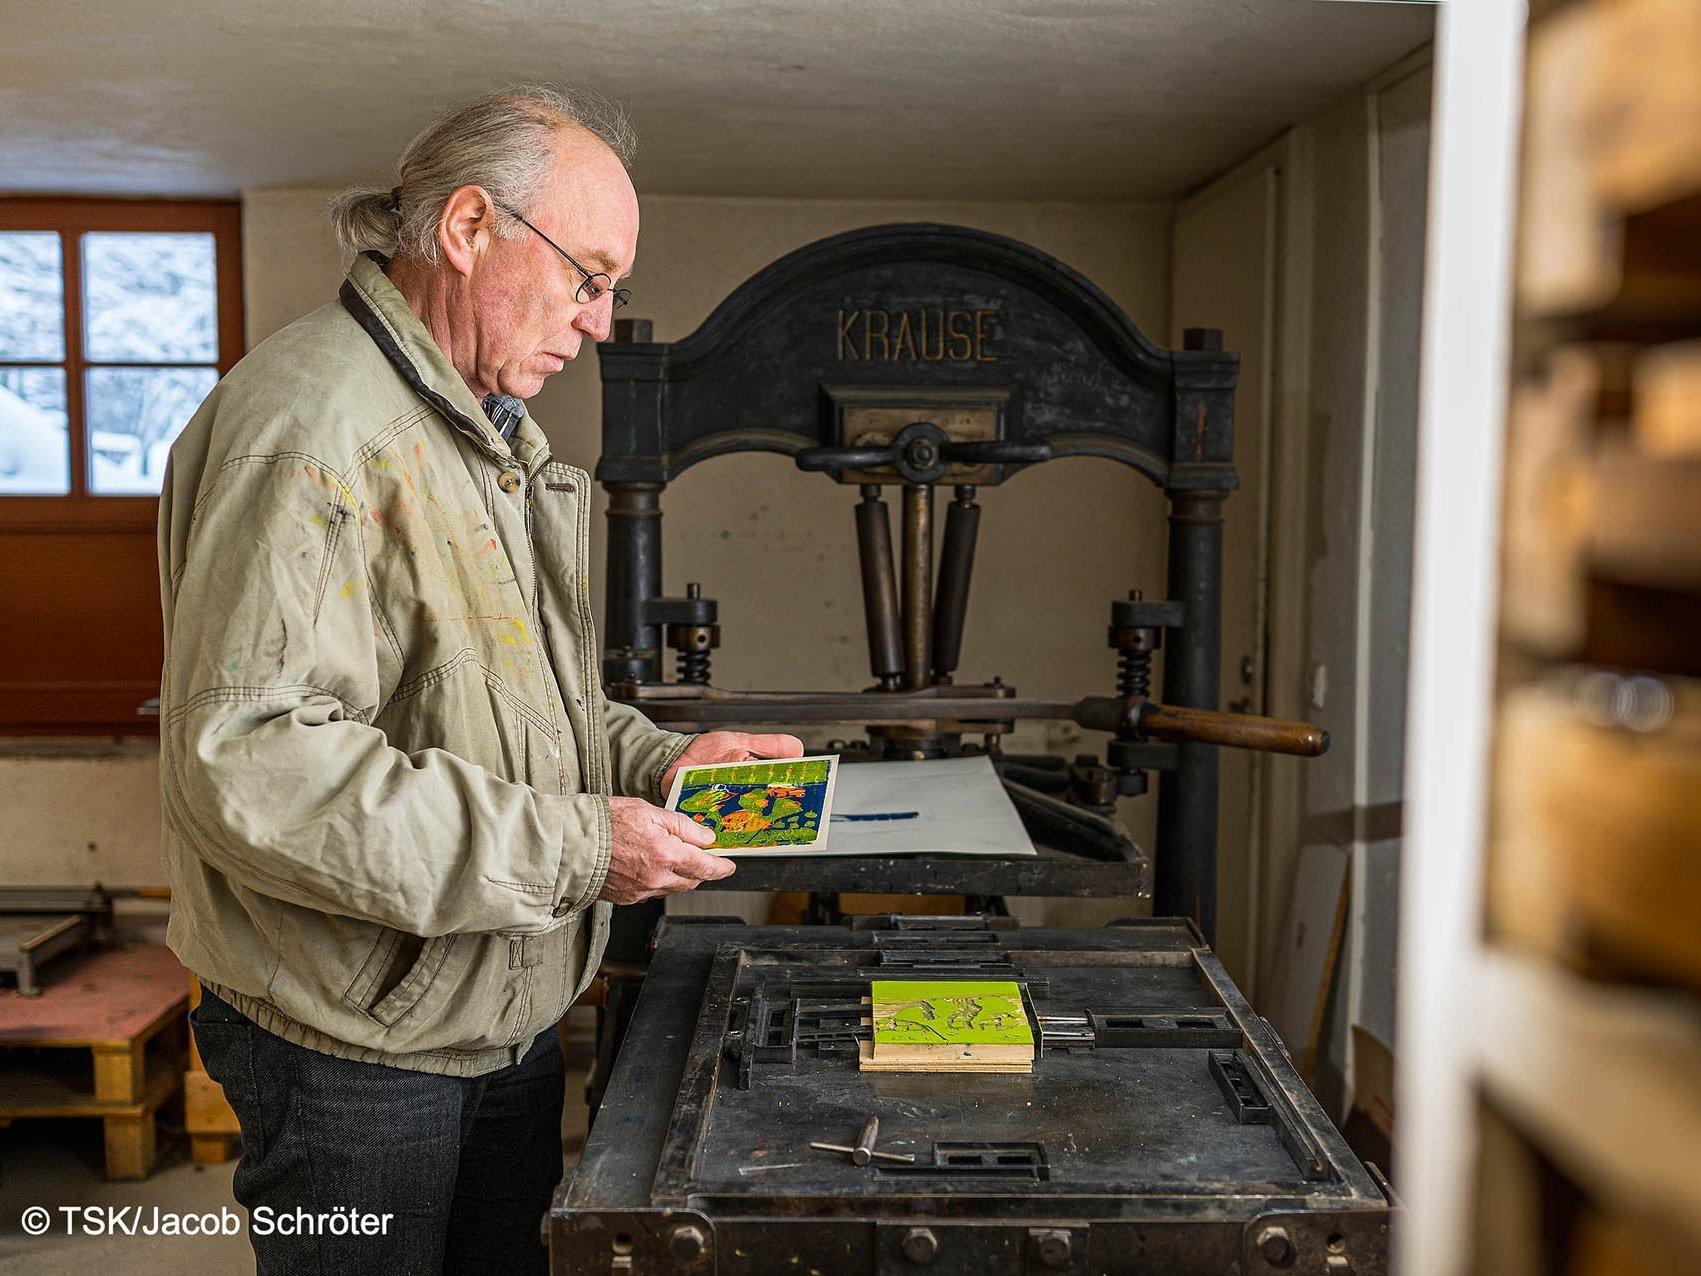 Der Künstler Martin Max beim Anfertigen eines Druckes mit einer alten Offset-Druckpresse